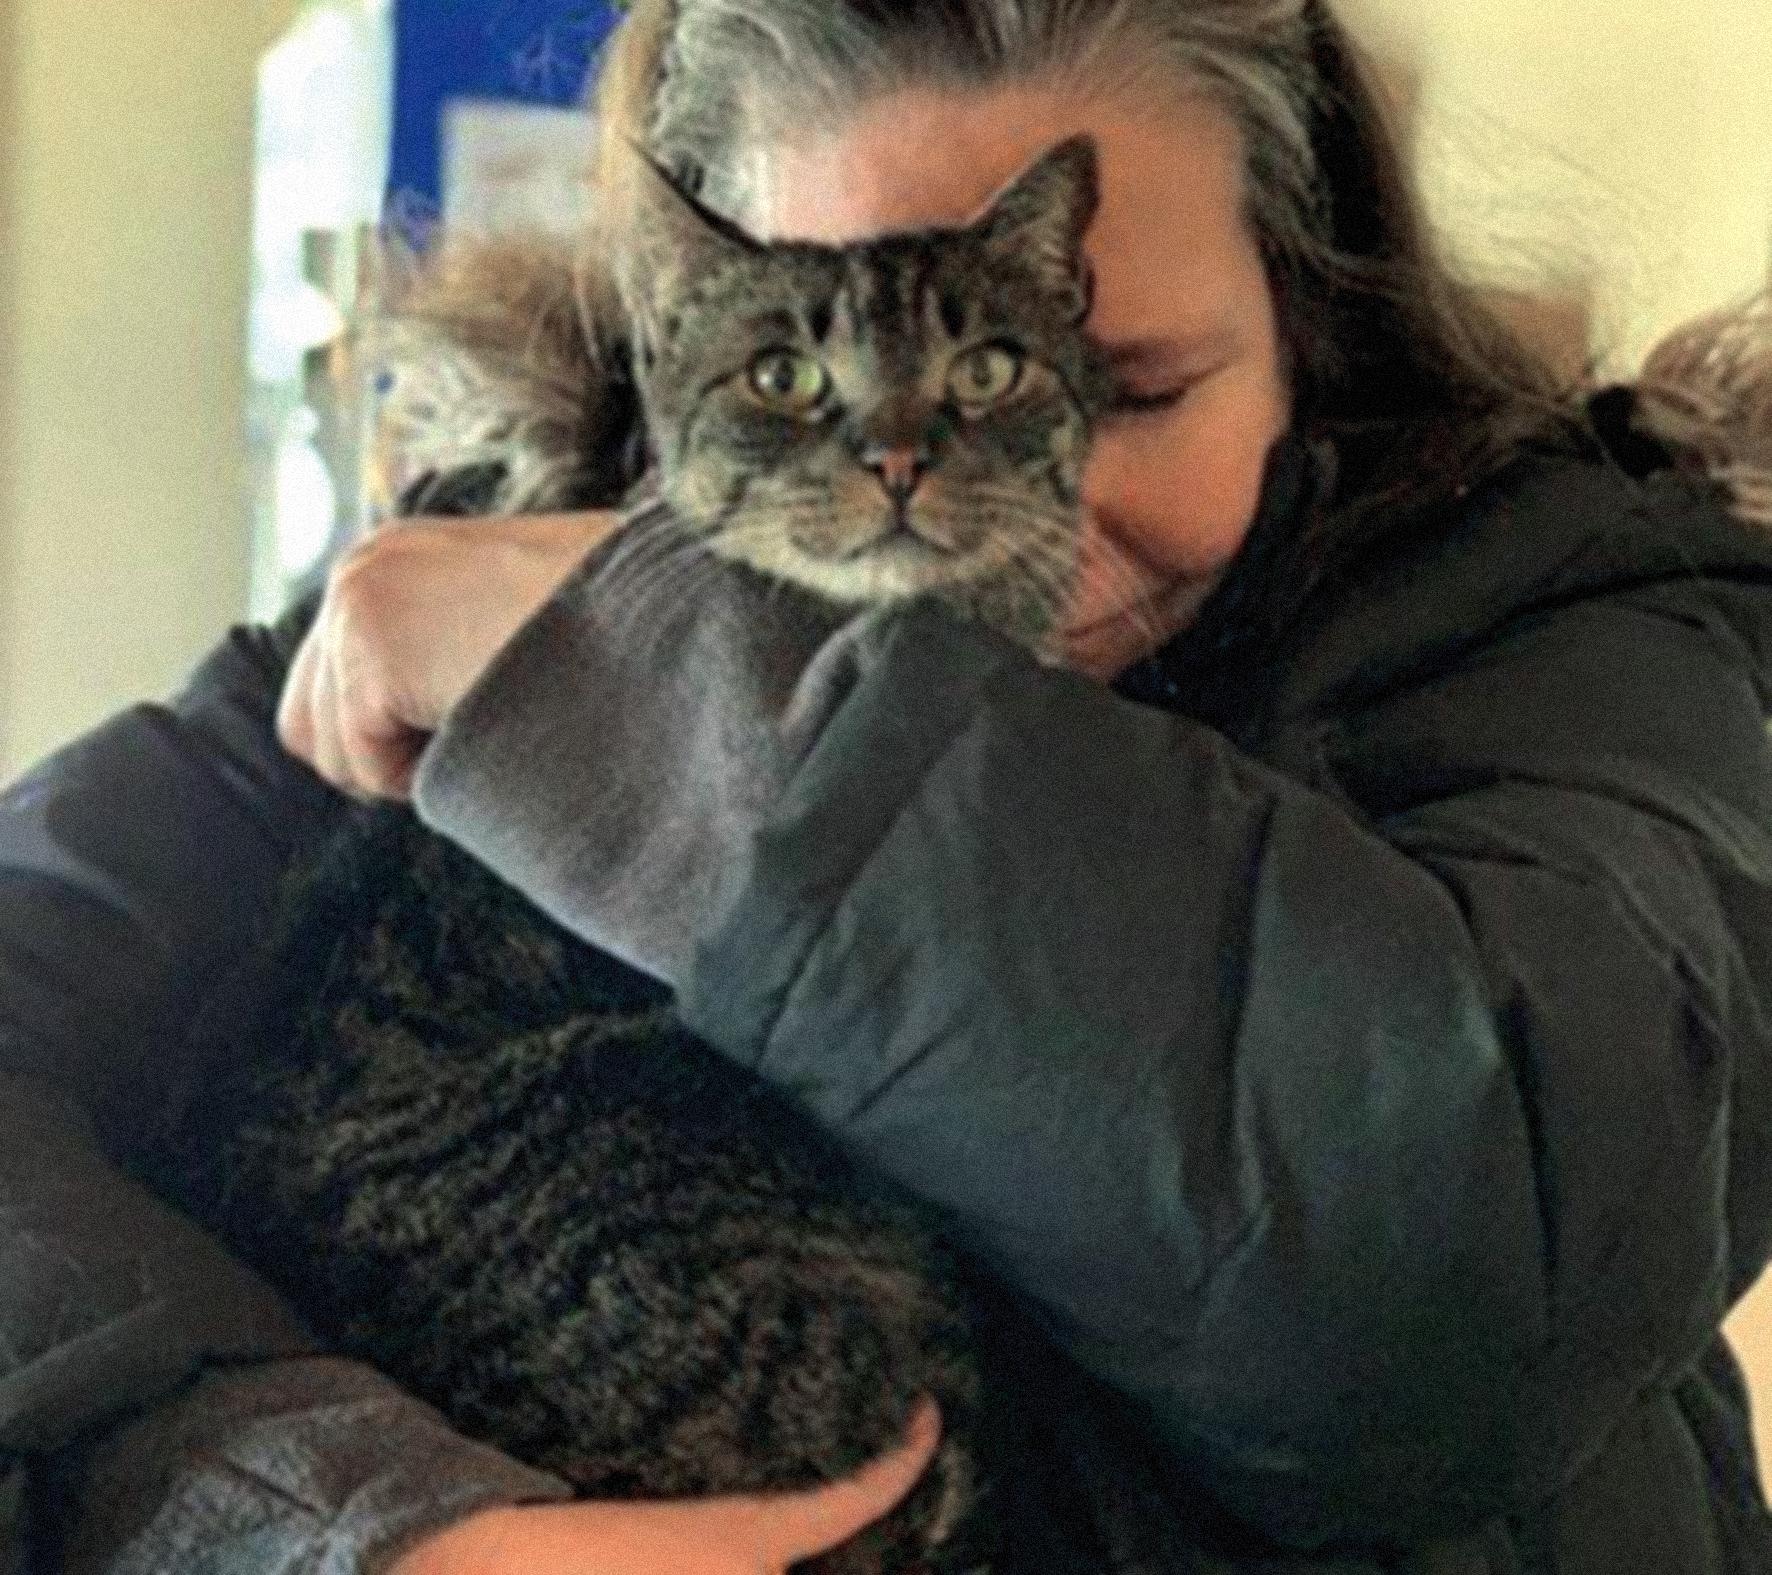 Gato regresa a su hogar tras 5 años